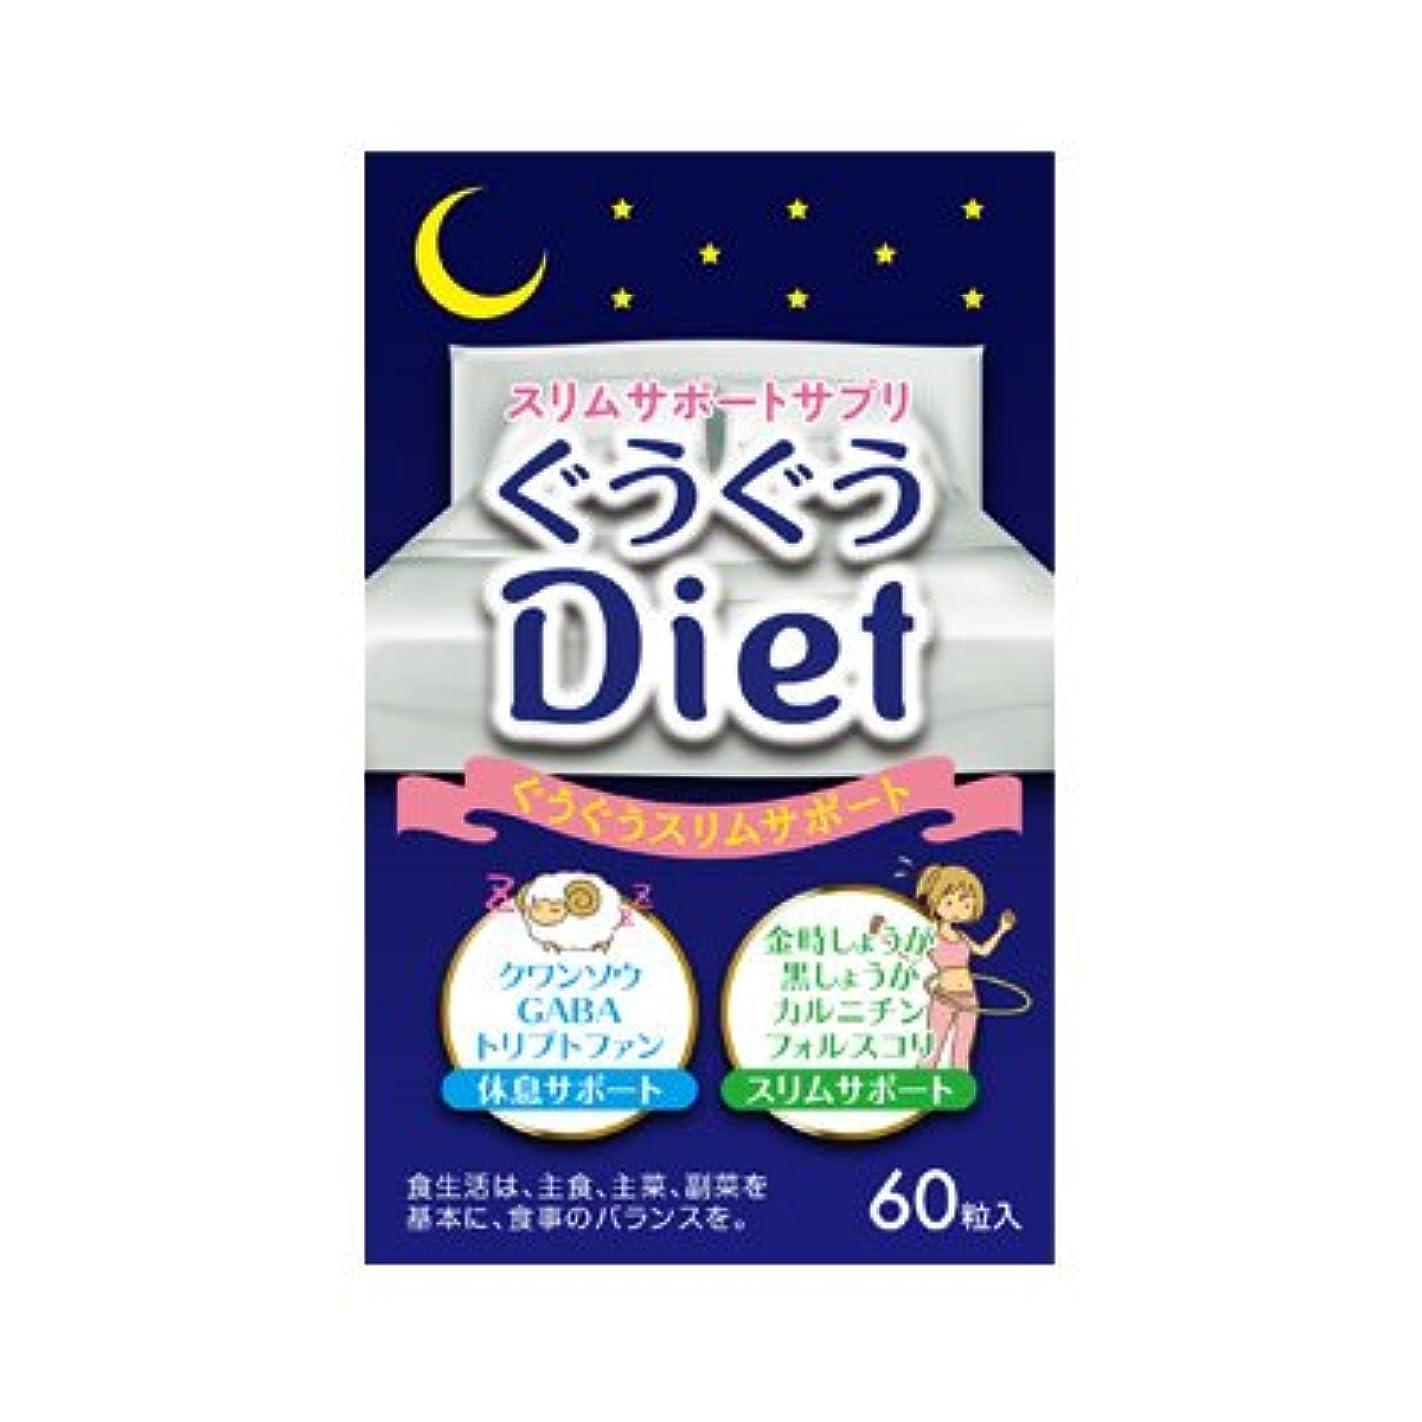 手カップエクステントぐうぐうdiet 60粒 ぐうぐうダイエット【グウグウダイエット】